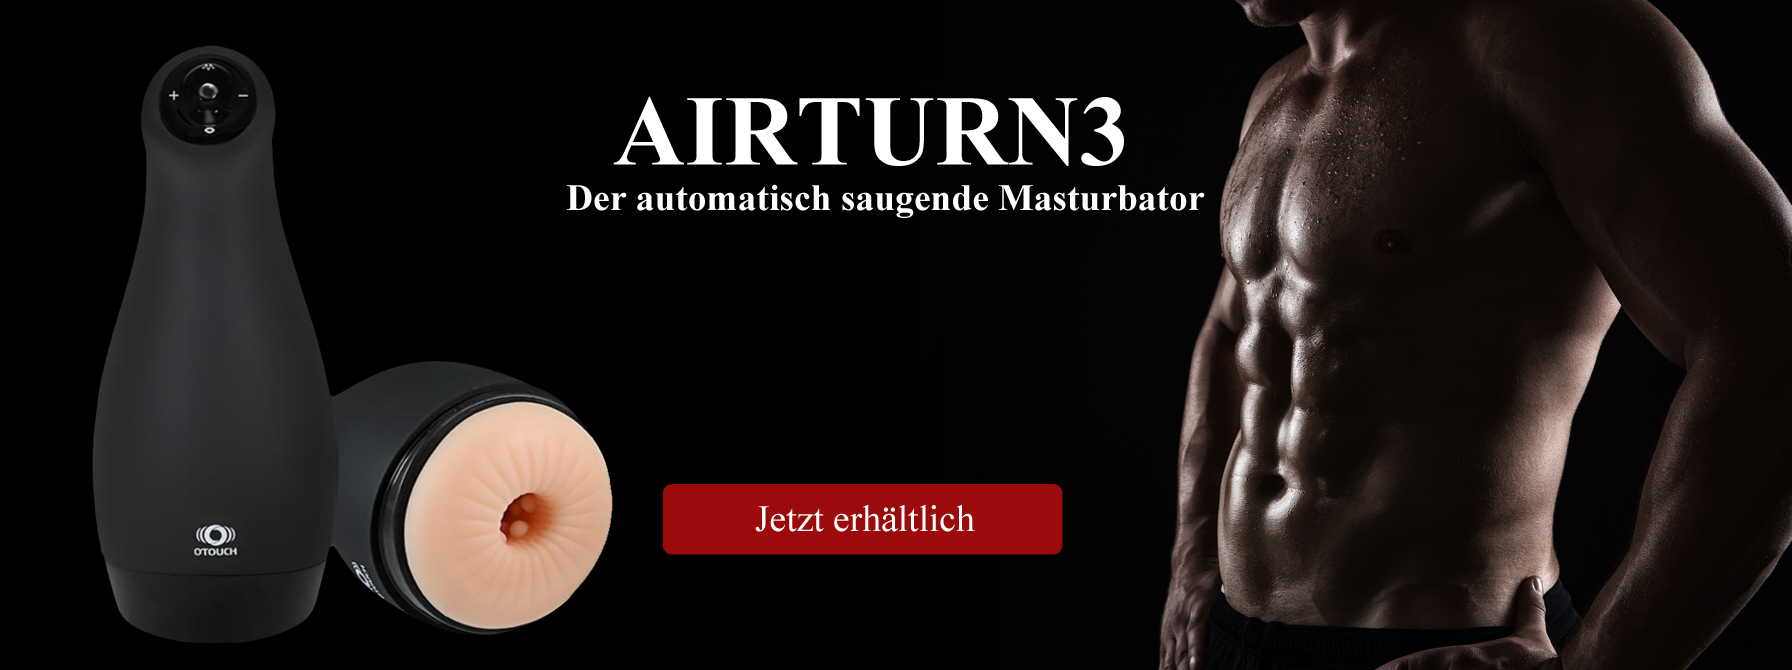 Airturn3 Masturbator von Otouch